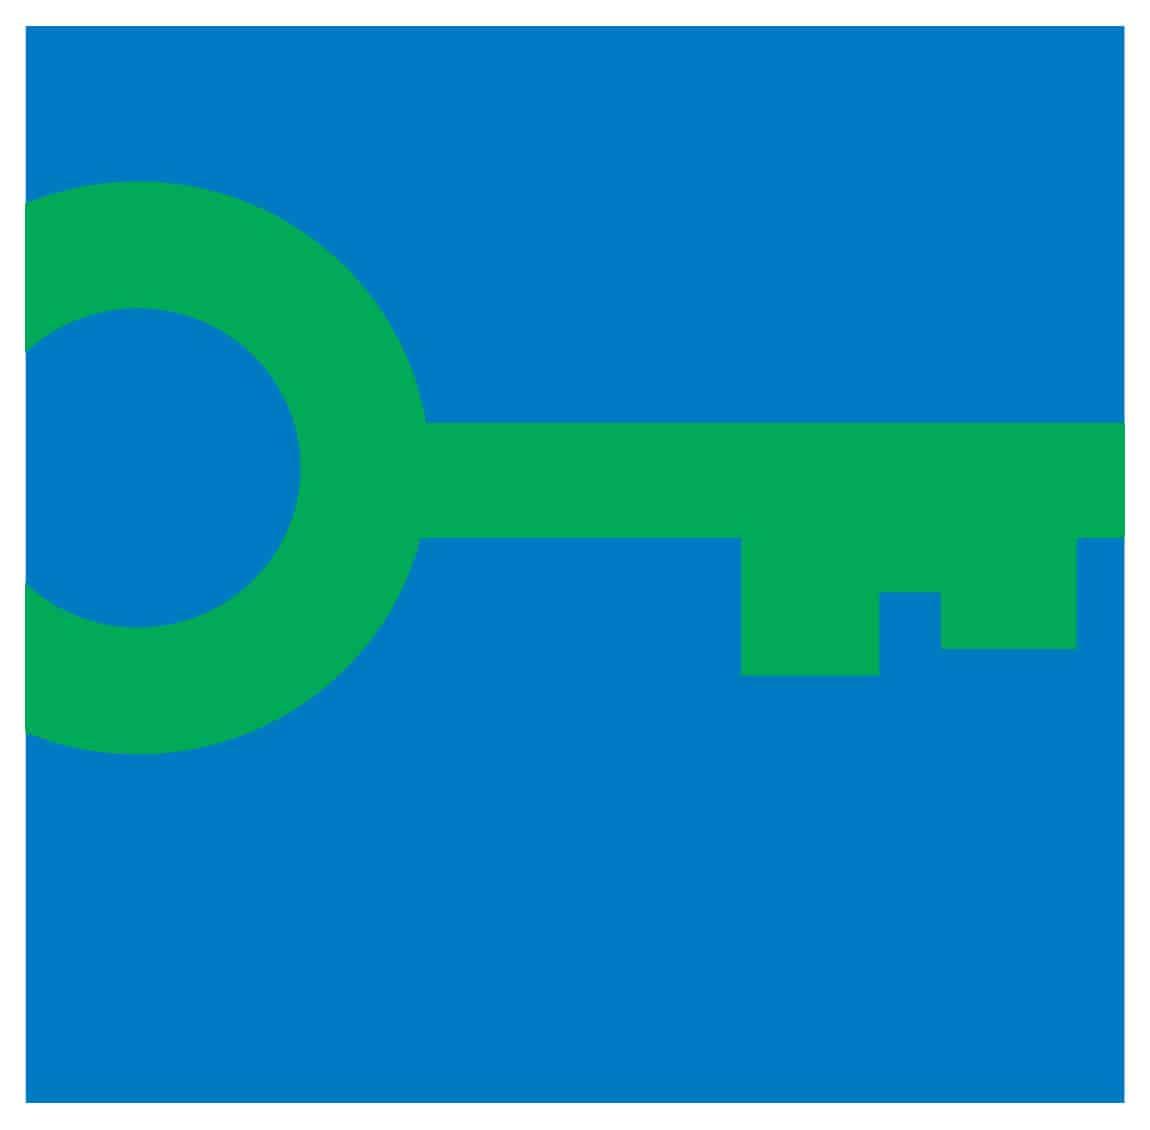 Den Grønne Nøgle